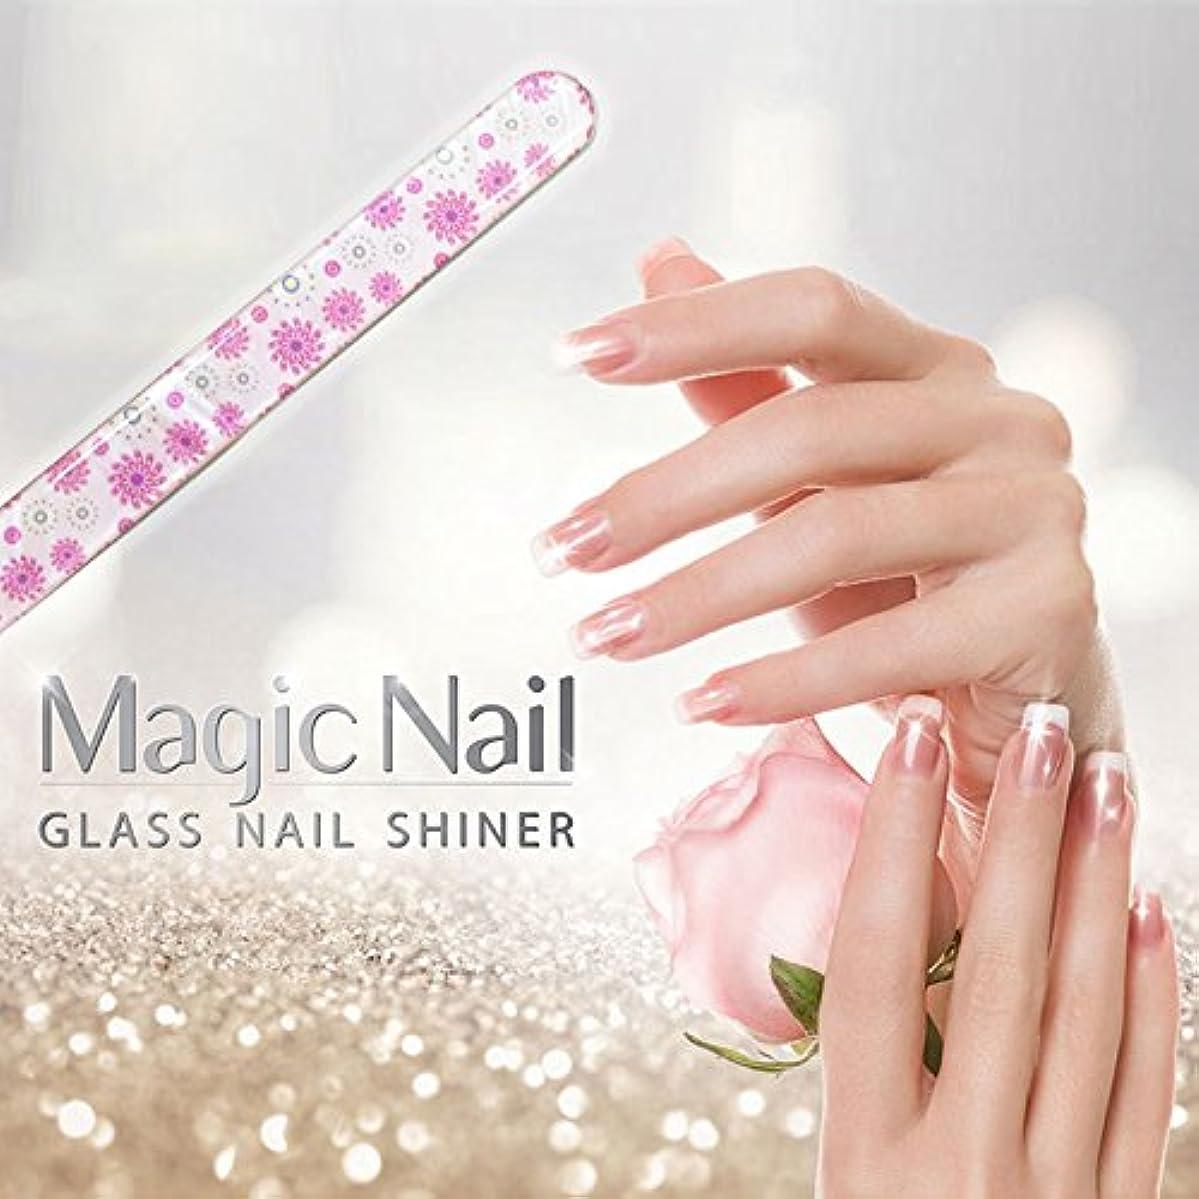 結婚する蜂雄弁家エッサンテ(Essante) マジックネイル magic nail マニキュアを塗ったようなツヤ、輝きが家で誰でも簡単に出来る glass nail shiner ガラスネイルシャイナー おしゃれなデザイン つめやすり ...